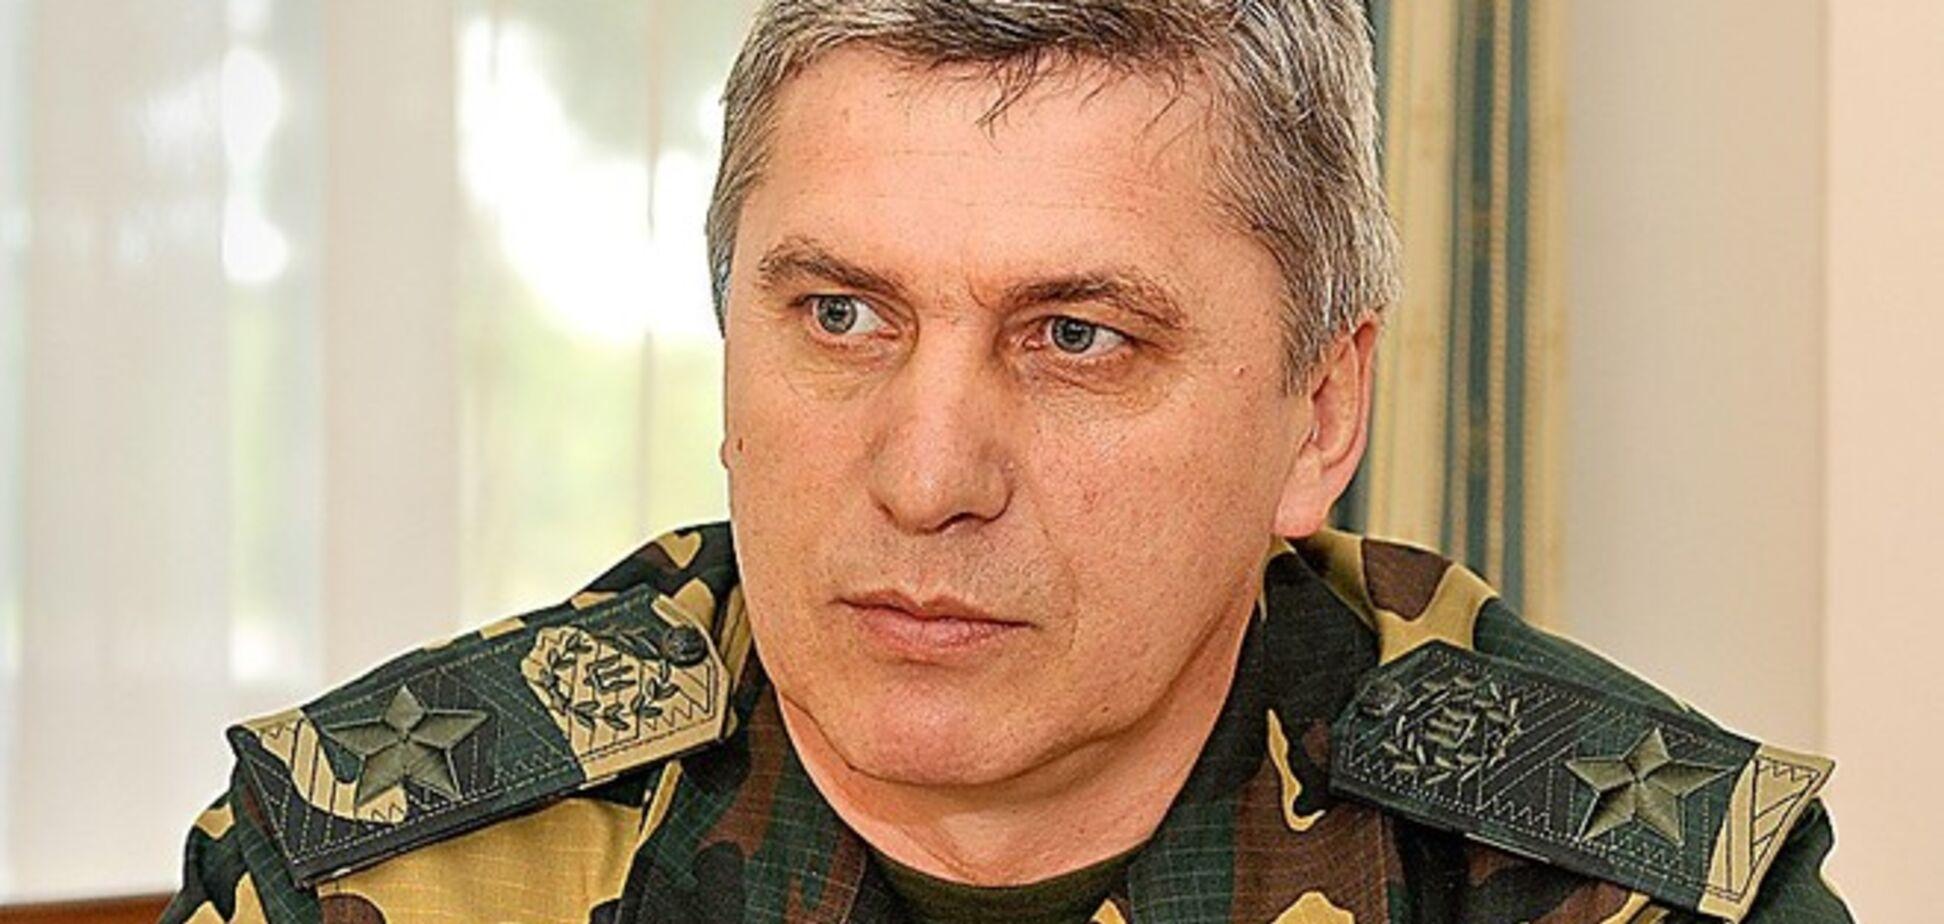 Украинские генералы Литвин и Шишолин тратят больше, чем зарабатывают